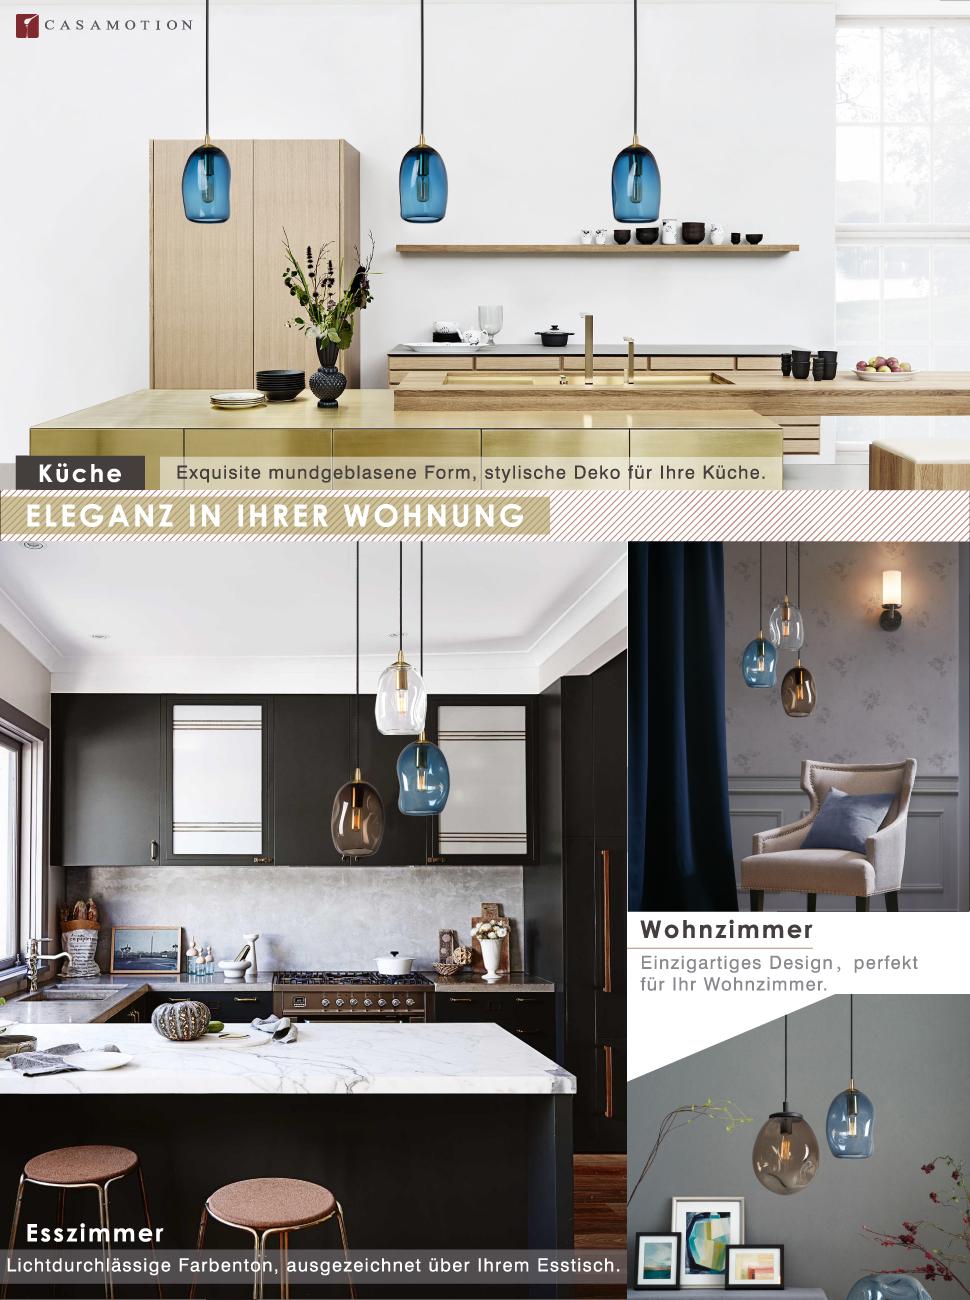 Künstlerisch Hängelampe Küche Ideen Von Casamotion Mini Pendelleuchte Hängeleuchte Aus Mundgeblasenem Glas